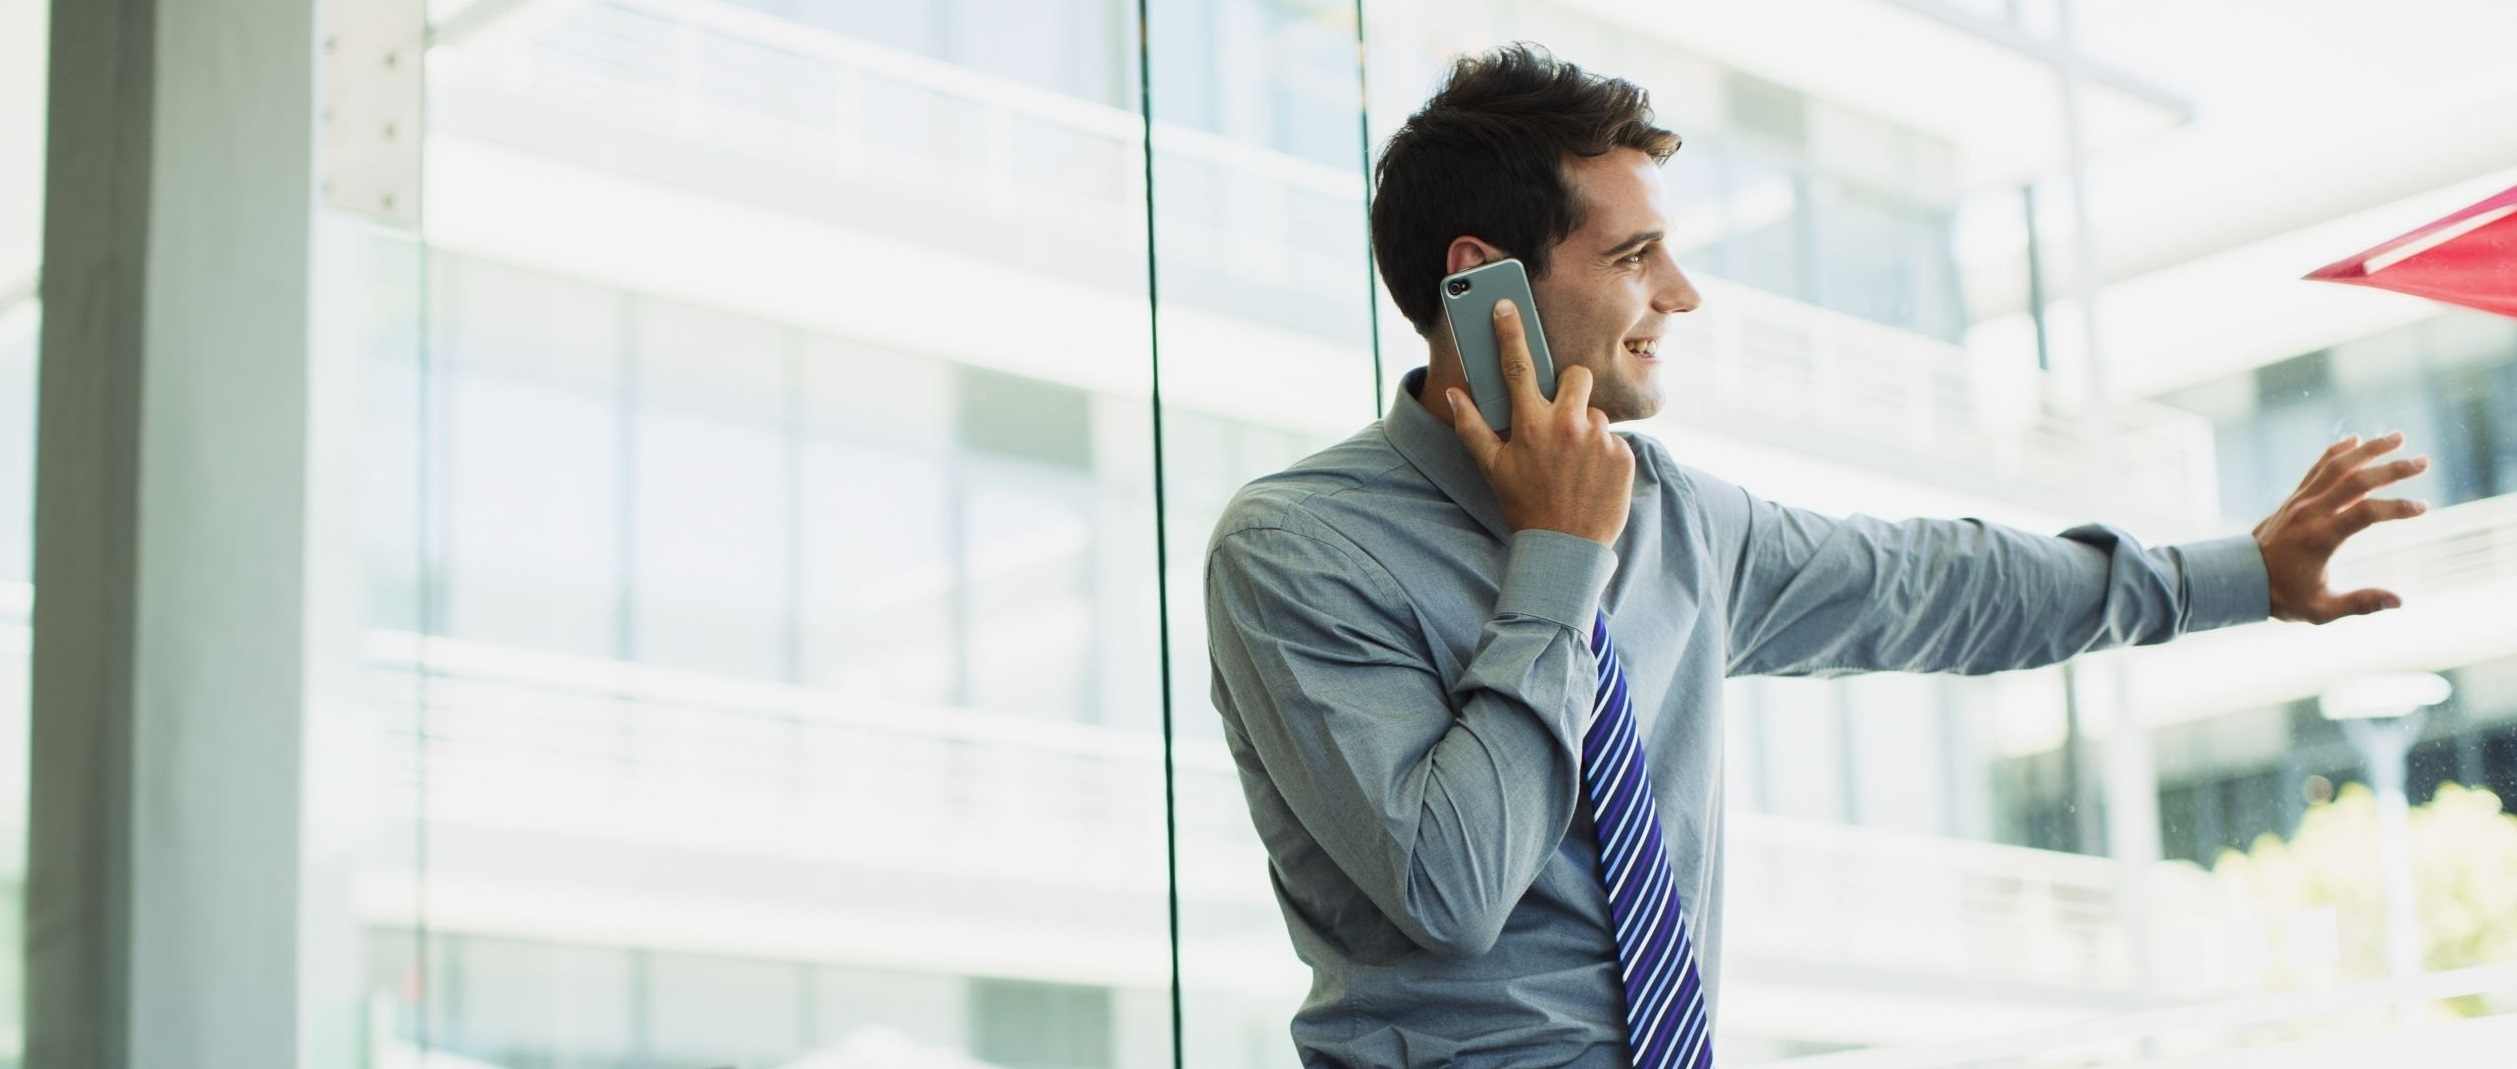 مکالمات تلفنی